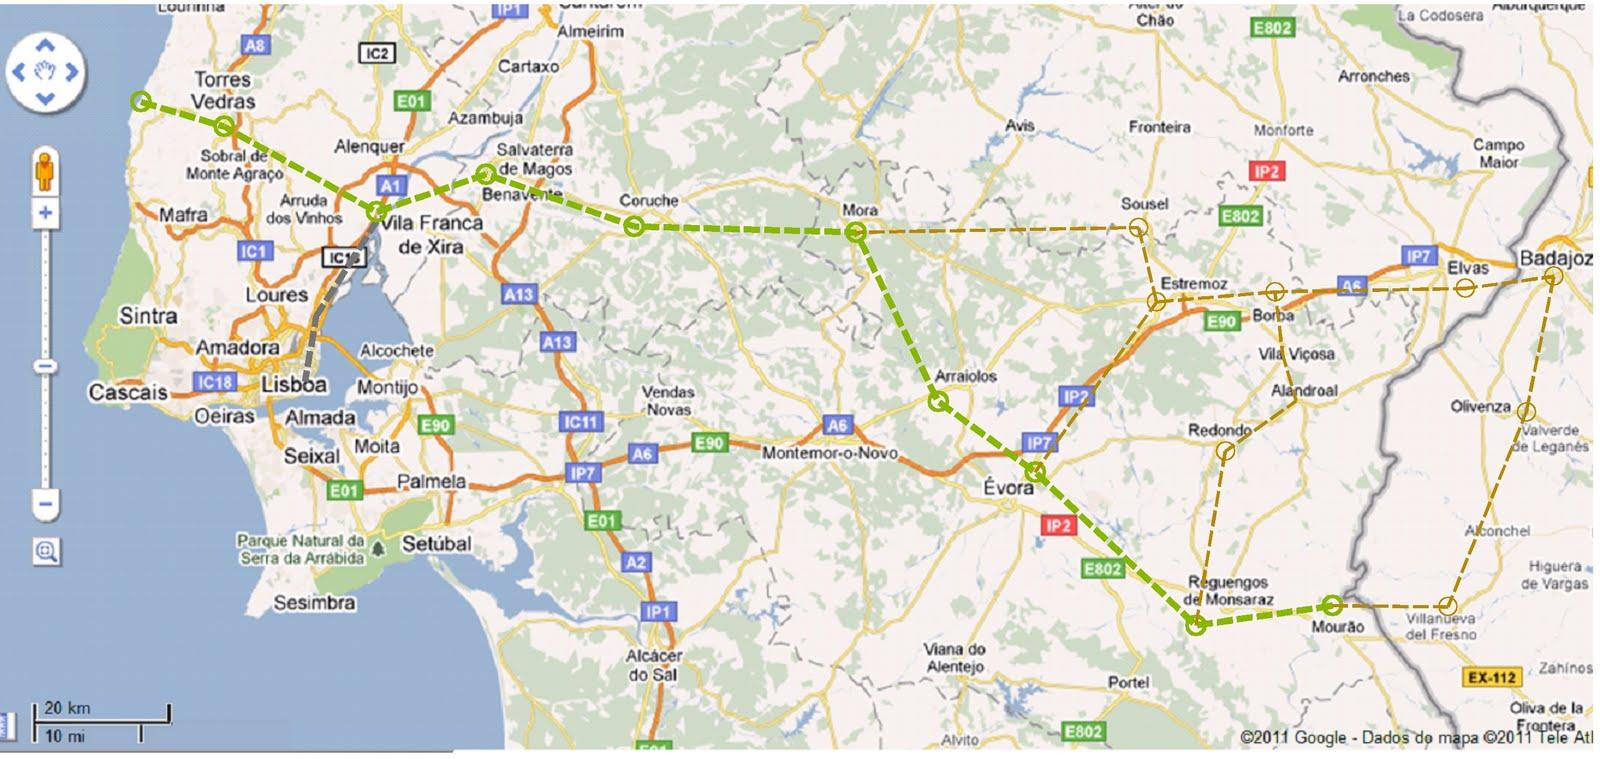 monsaraz mapa Ecovias de Portugal: Mapas e Rotas monsaraz mapa